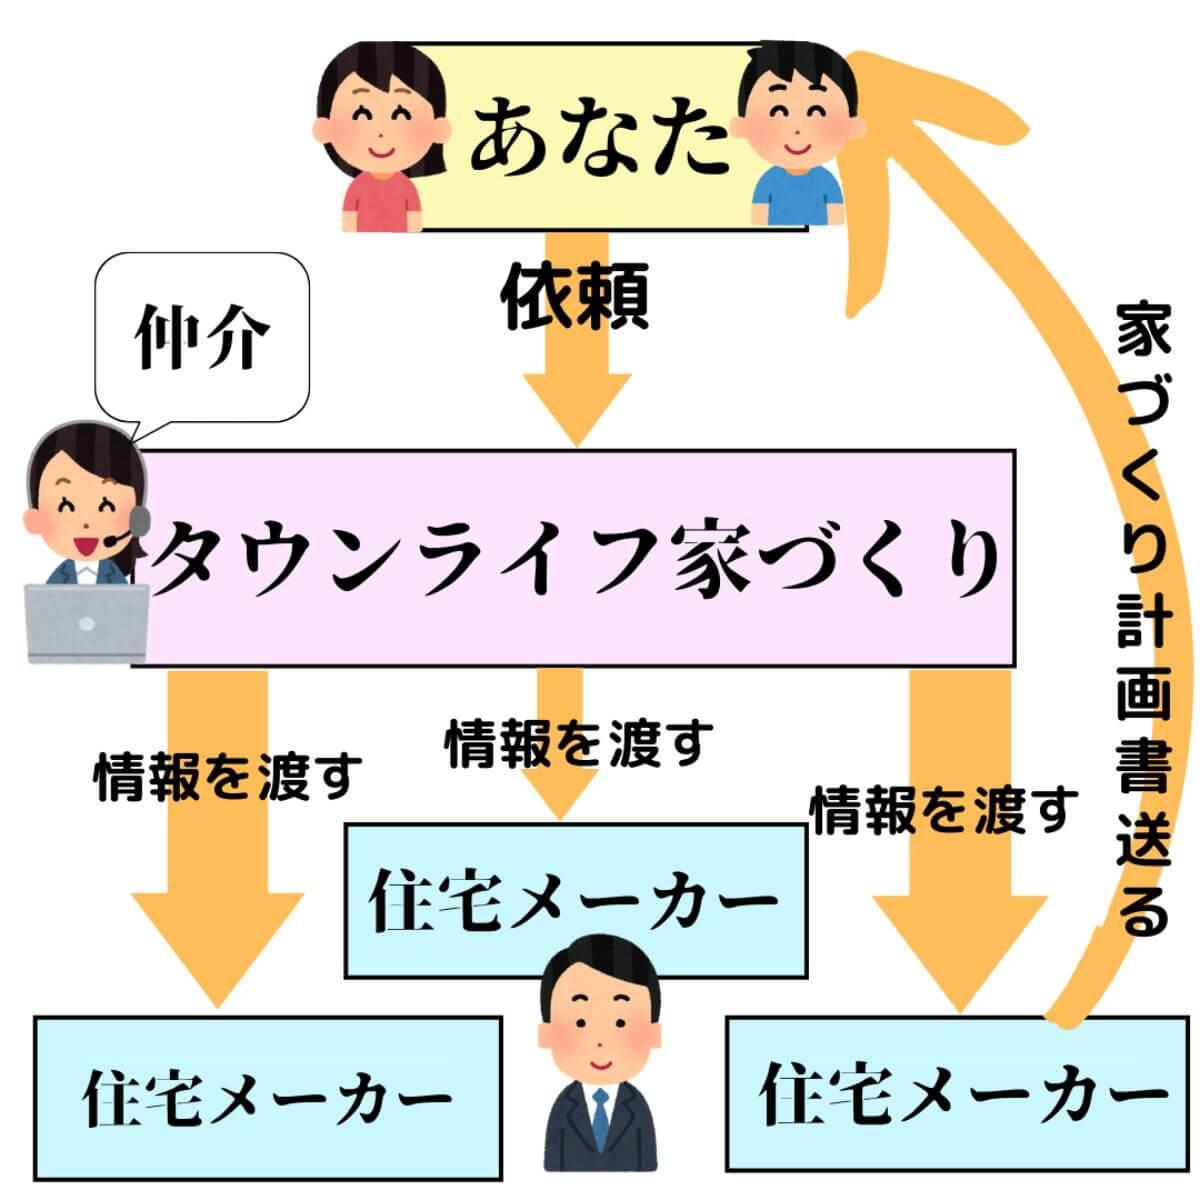 タウンライフ_口コミ_仕組み